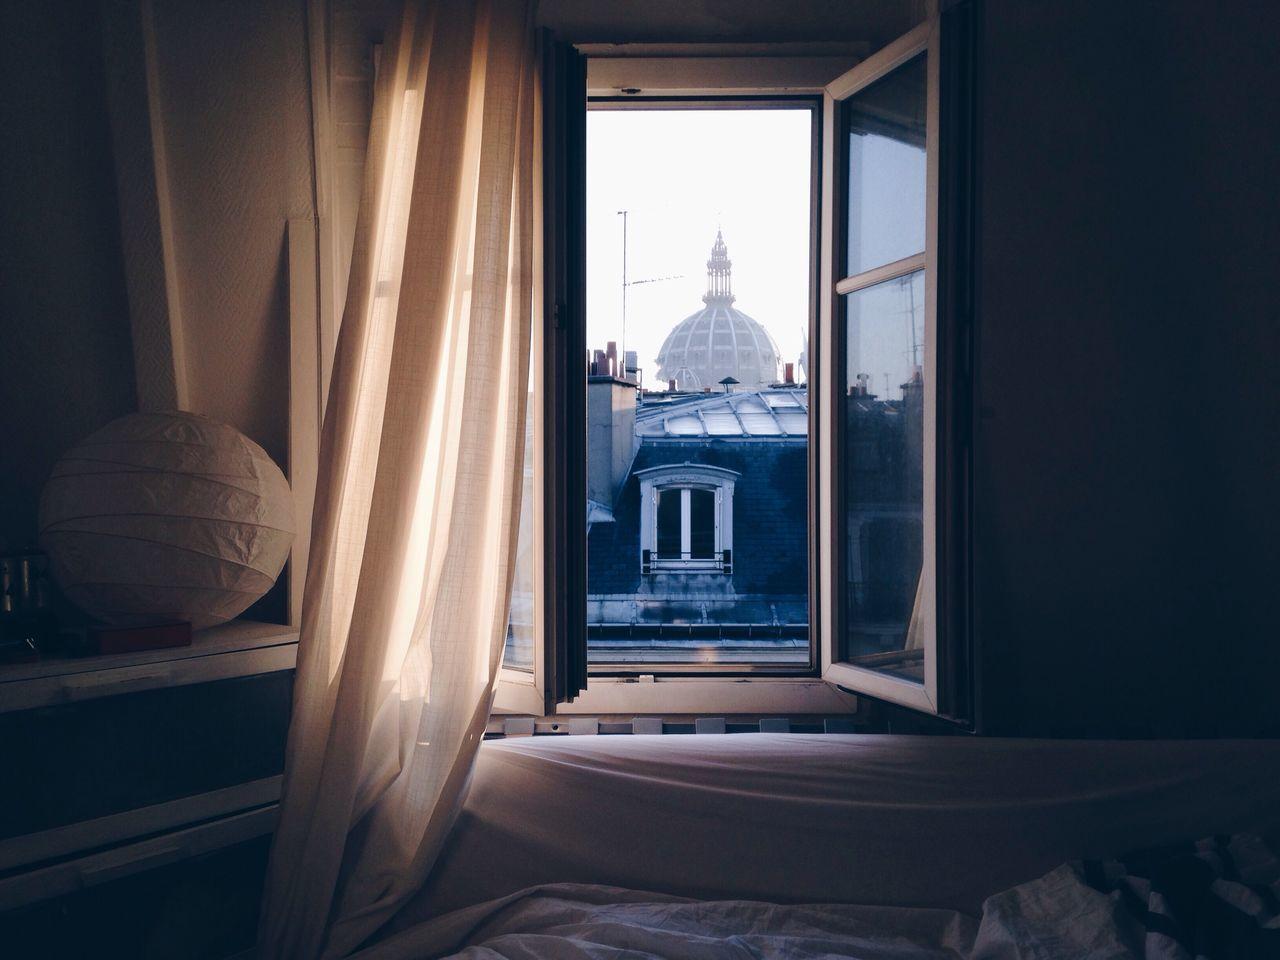 Buildings seen through bedroom window